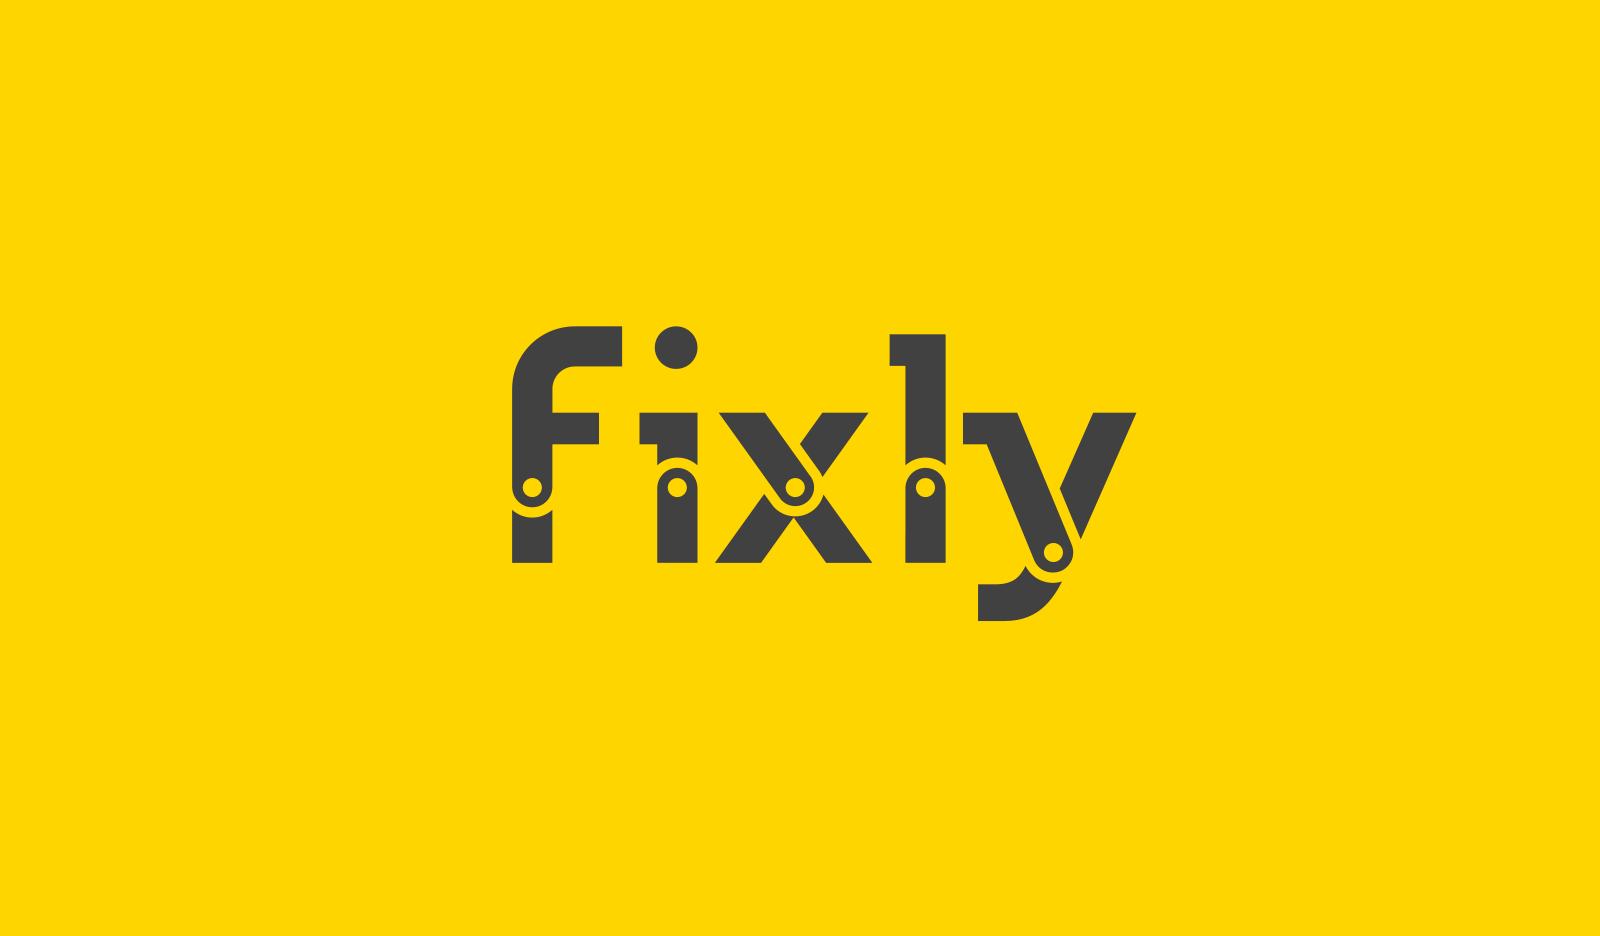 Logo portalu fixly